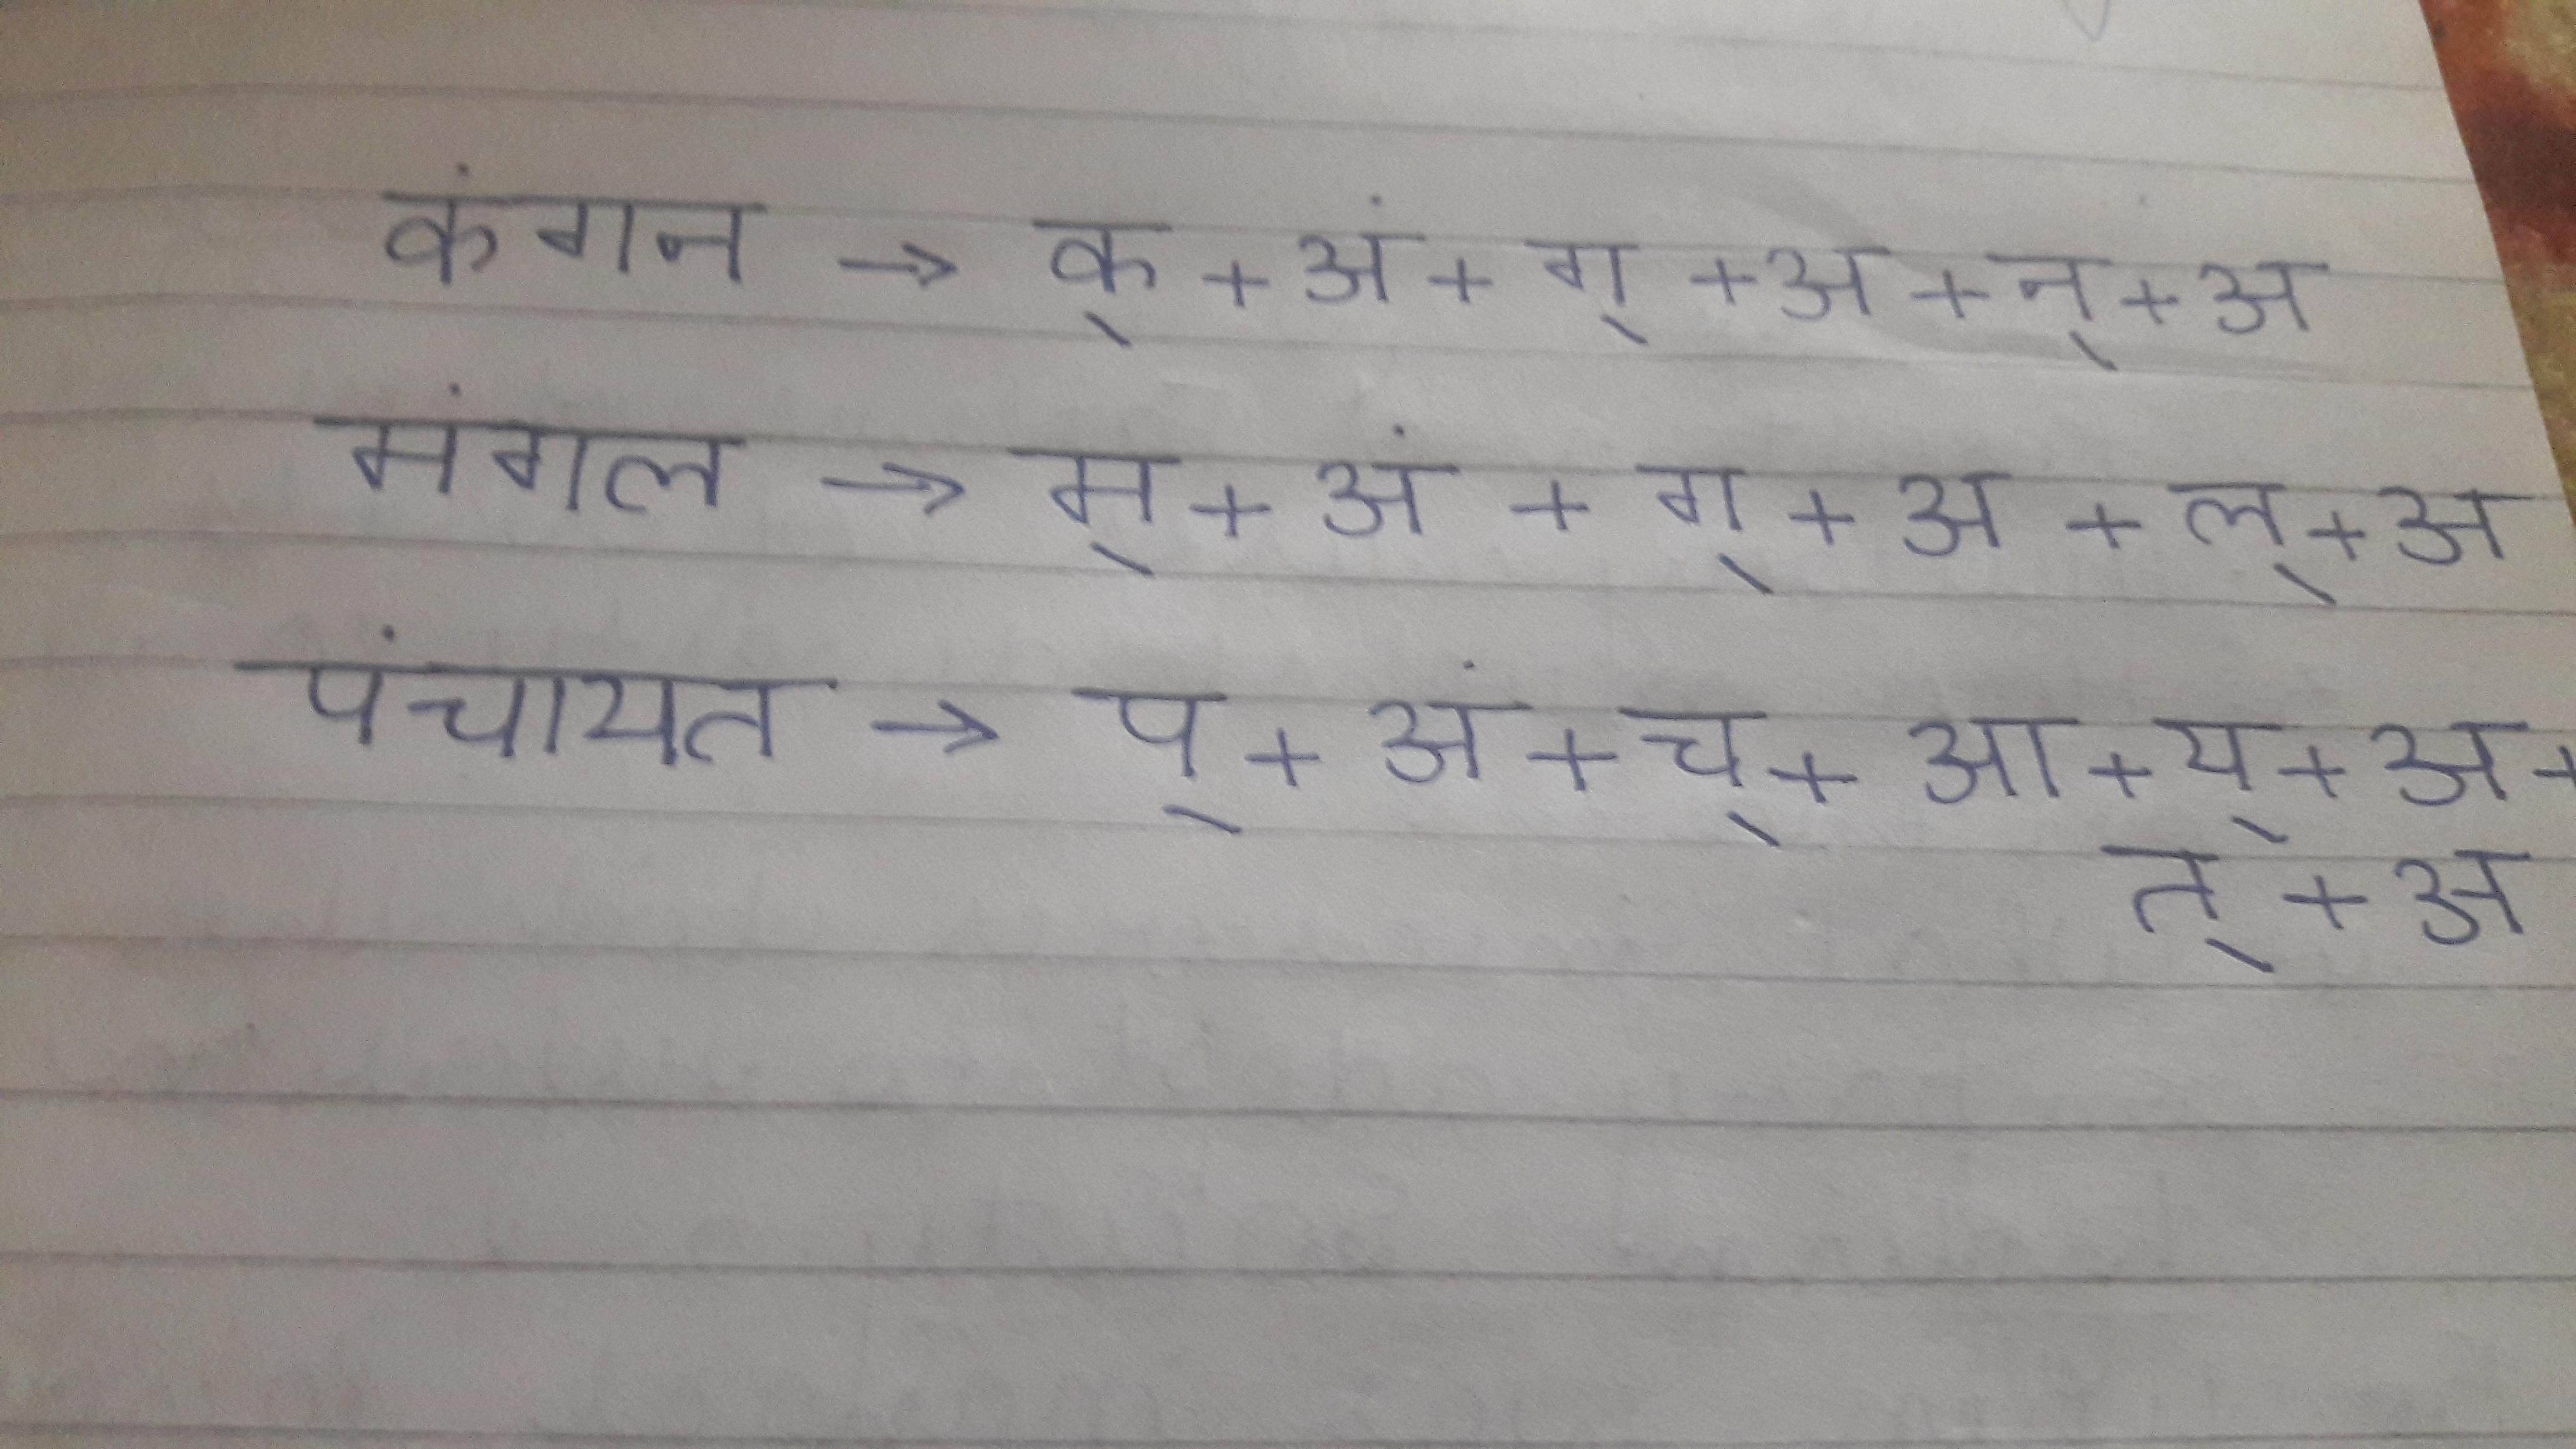 Plz Plz Write Varn Viched Of Kangan Mangal Panchayat